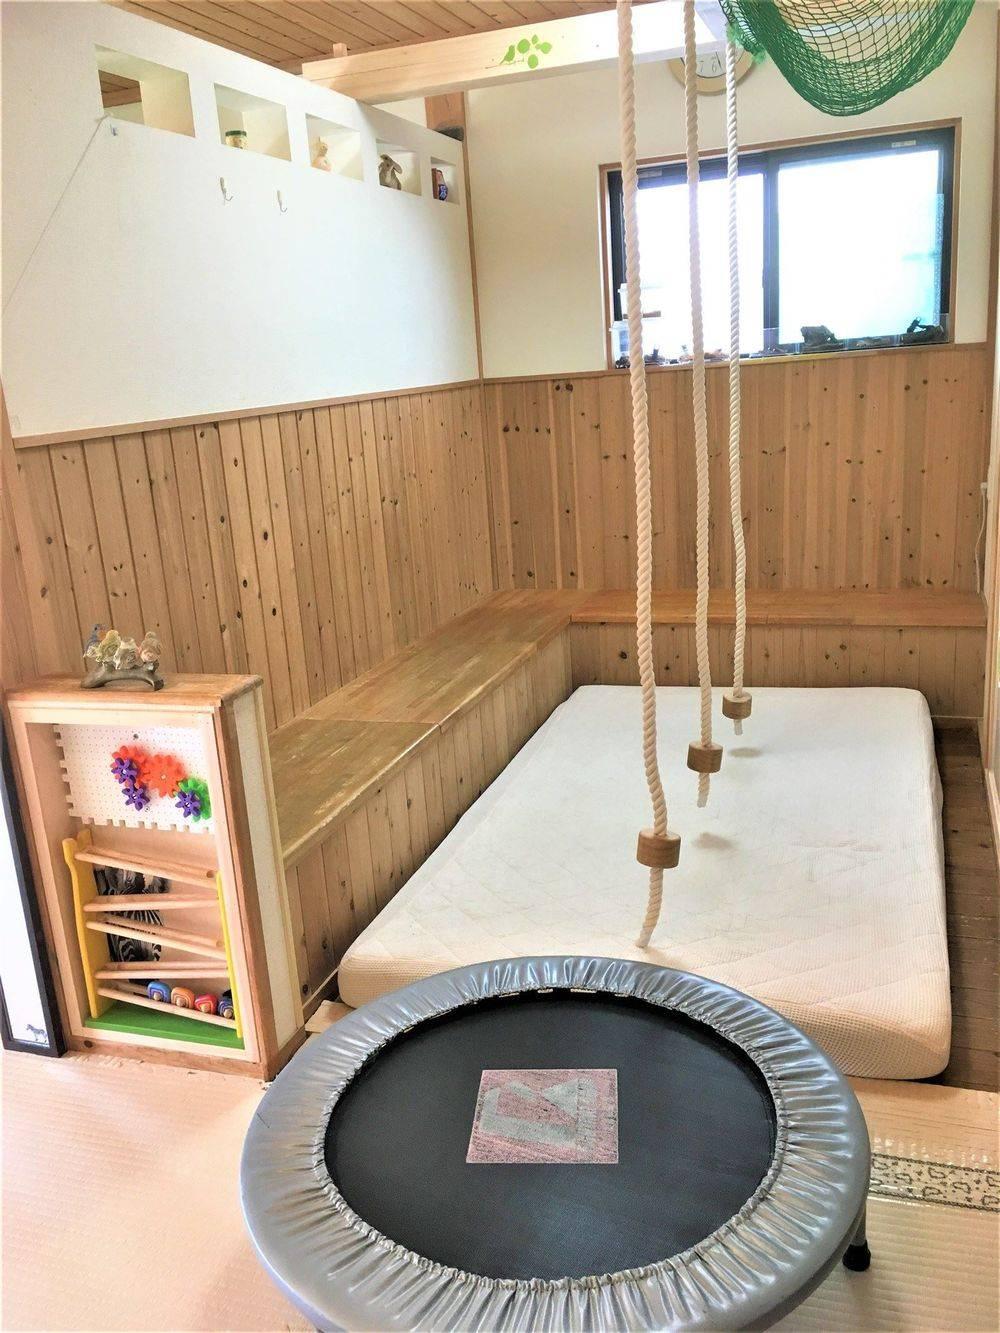 保育室内アスレチックエリア 雨の日でも室内で発散できるように アスレチックエリアをオープン!  段差のある床、3人分のぶら下がりロープ、 マットにジャンプしたり、ボールプールにしたり、 トランポリンや滑り台を出すスペースとして 活用しています。 年齢・月例に応じた室内遊びが出来るよう 工夫を重ねています。